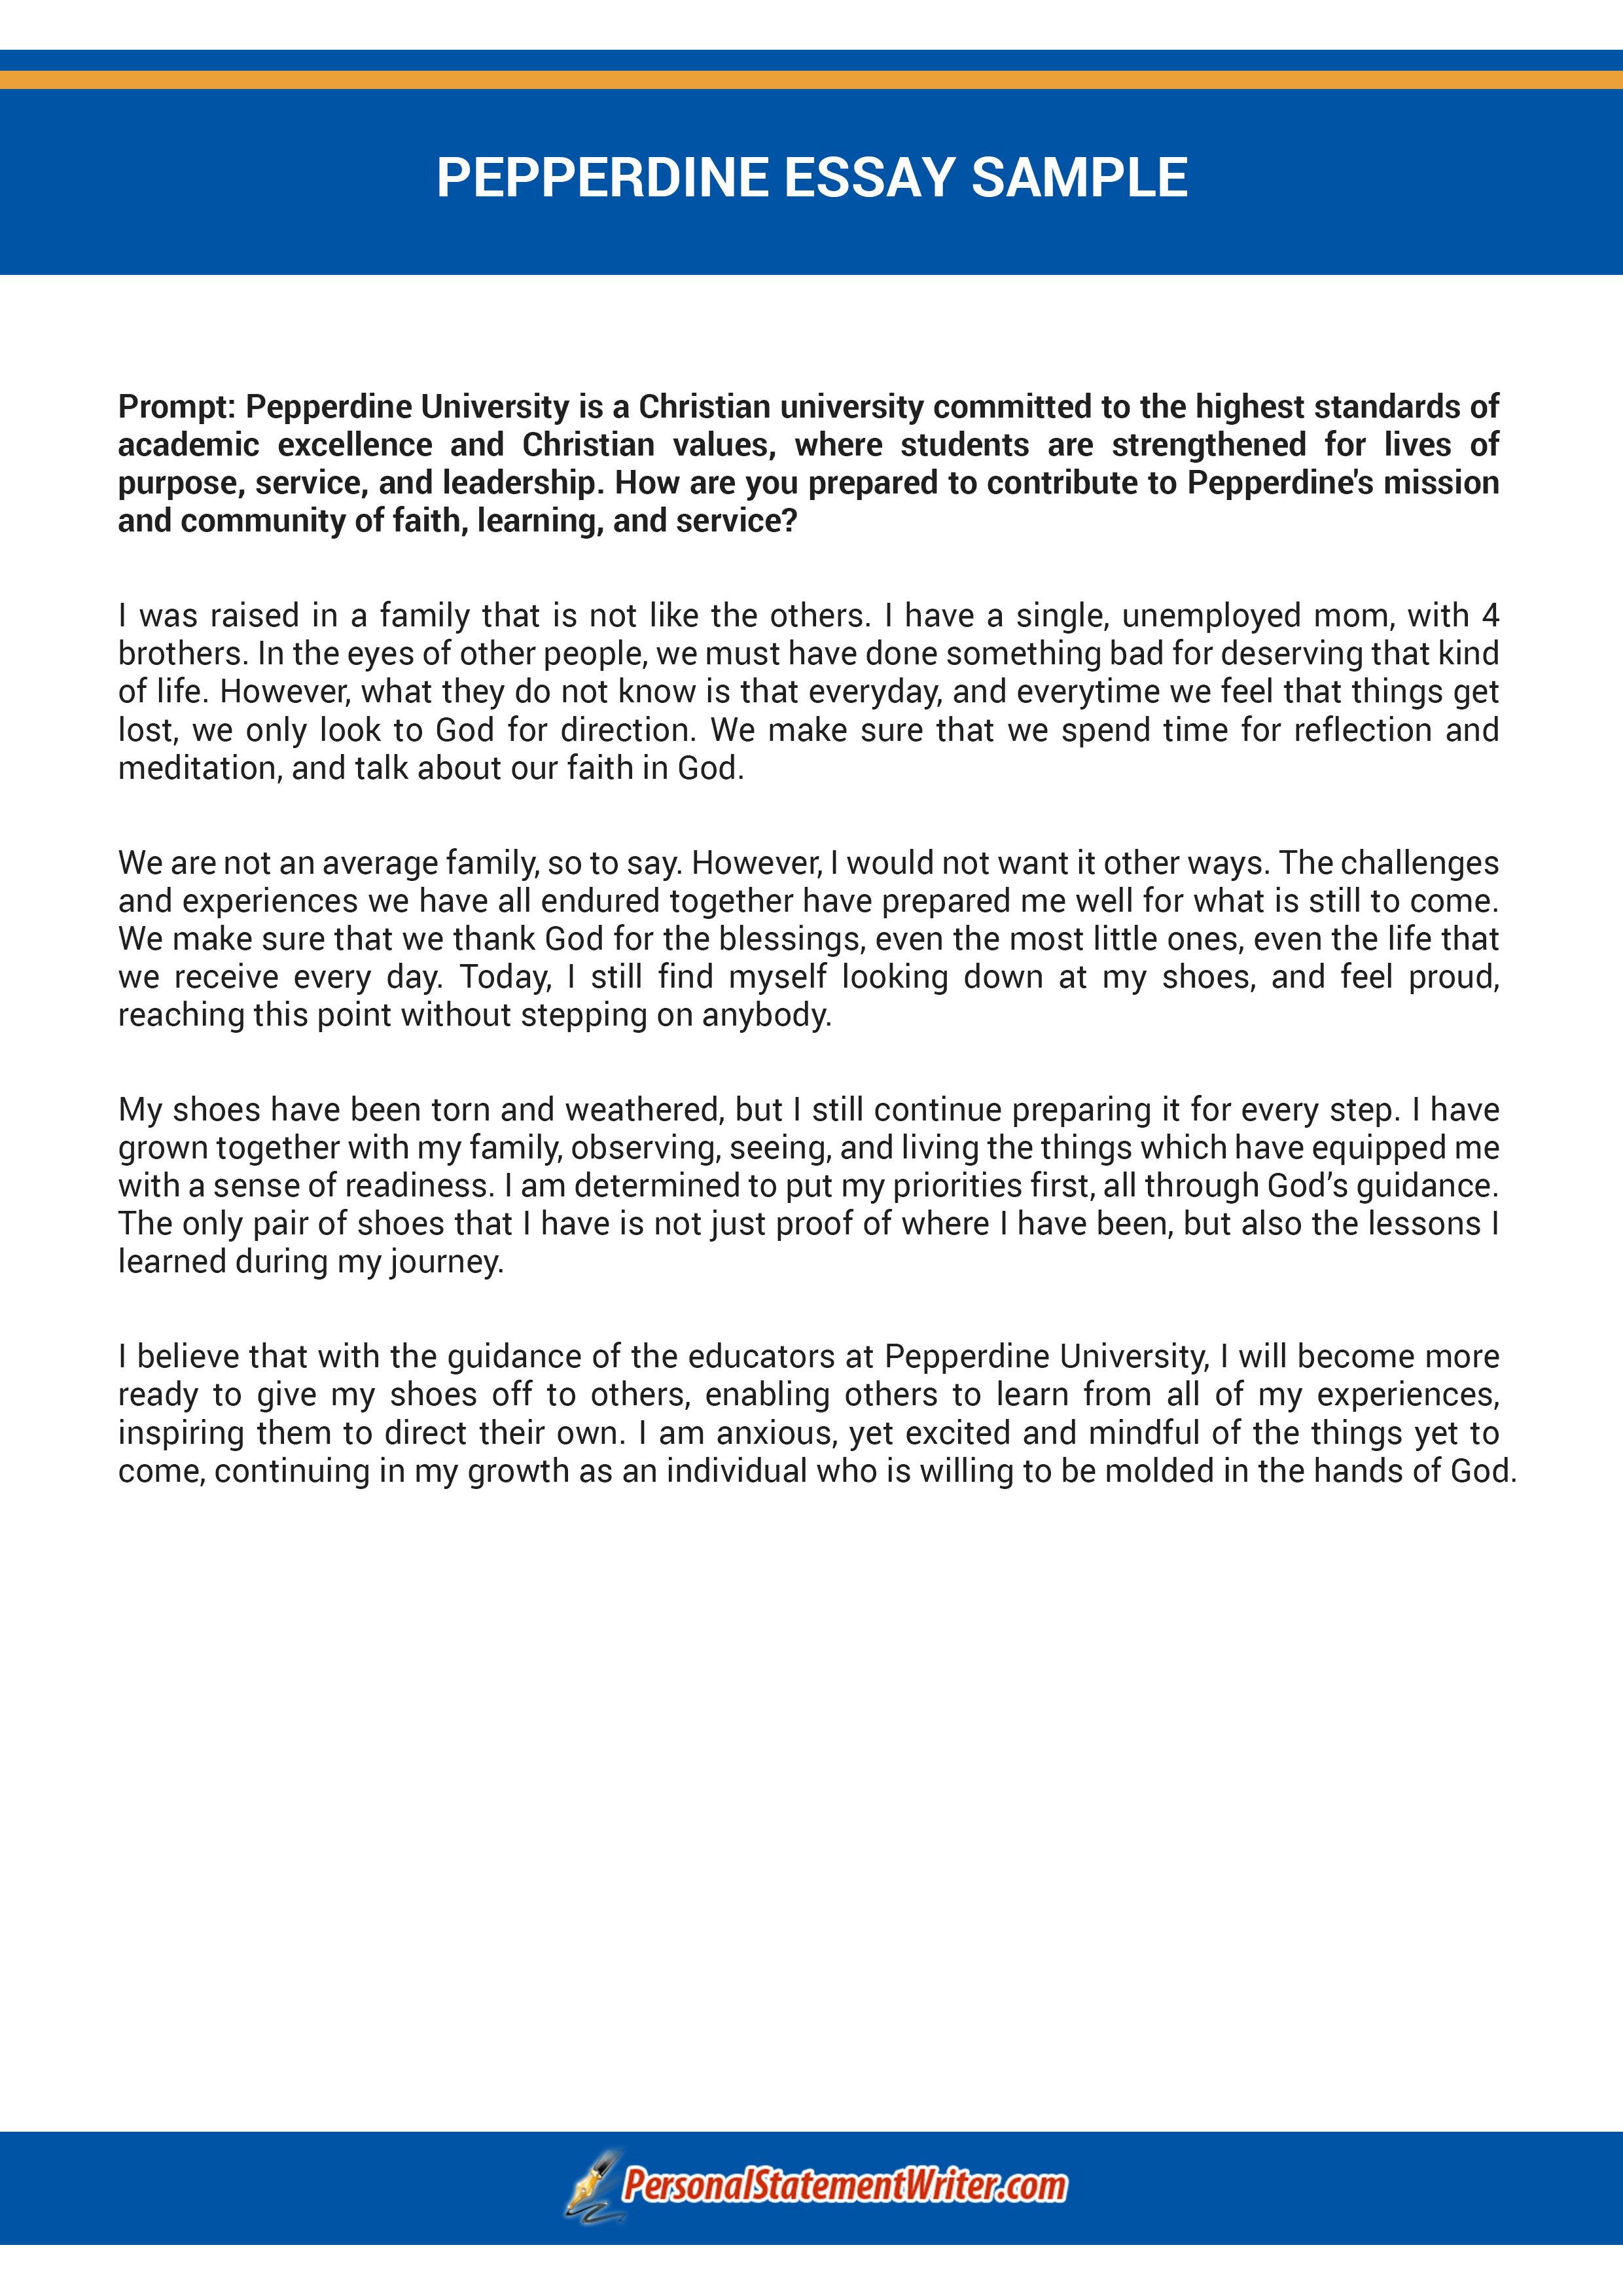 Pepperdine admissions essay